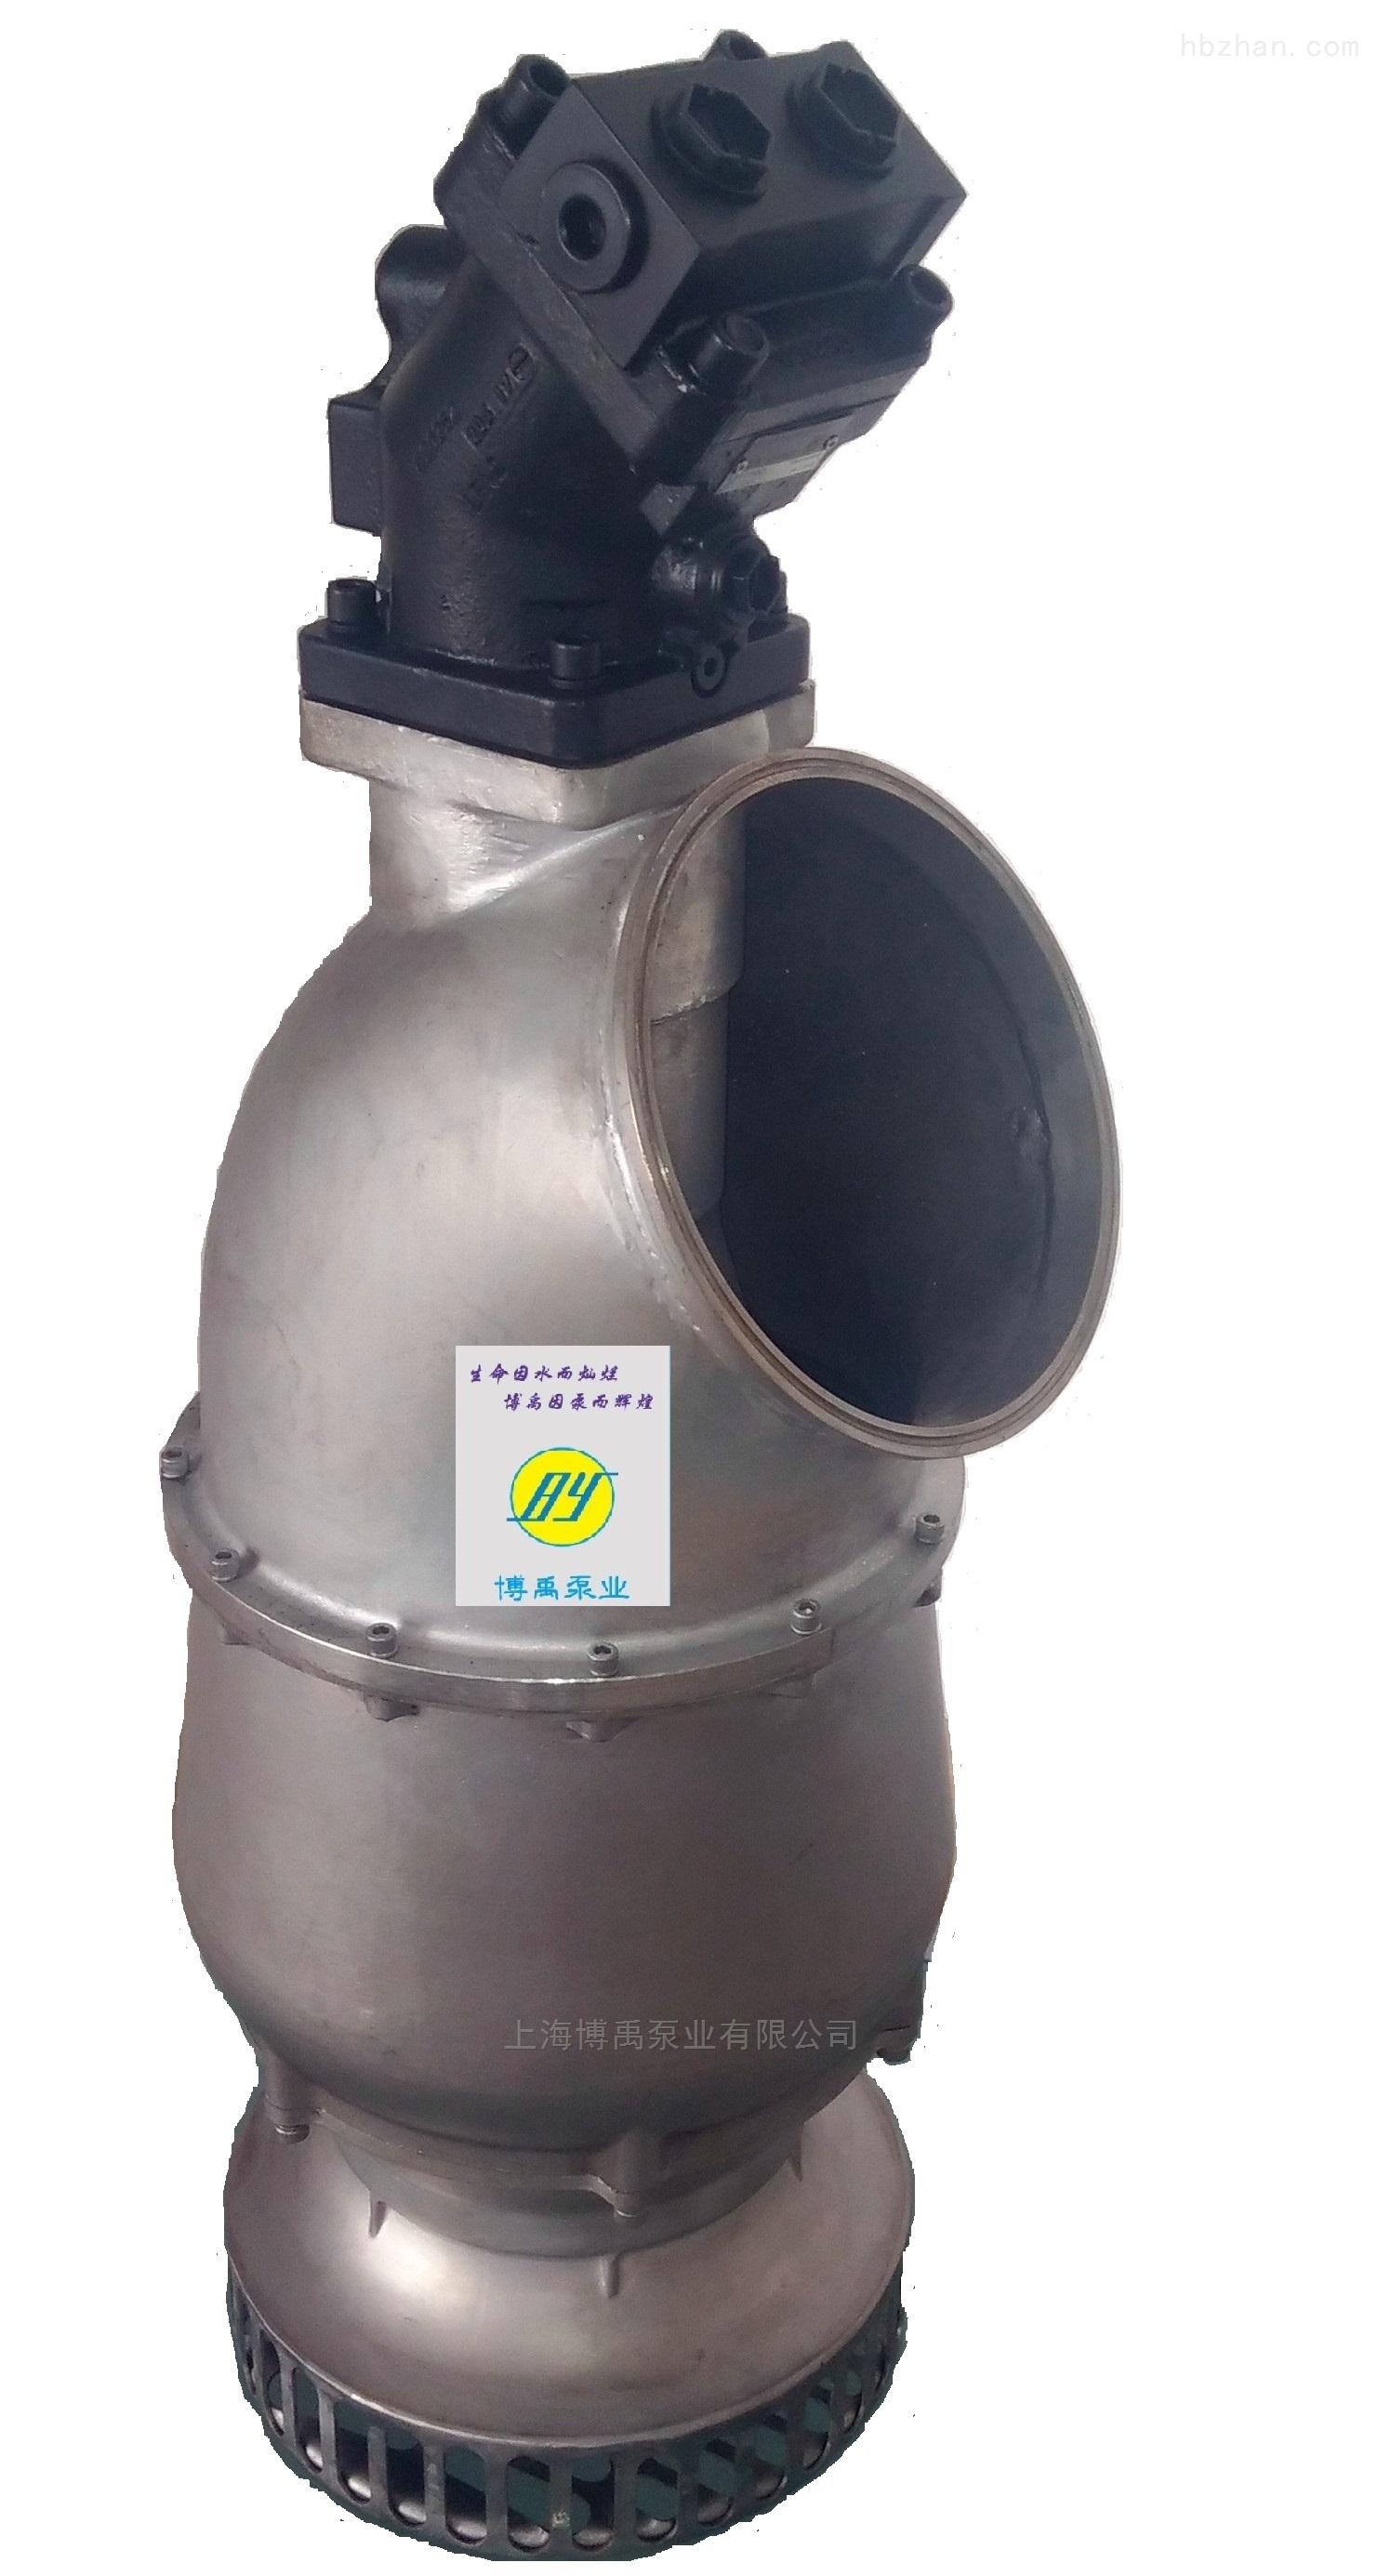 大流量便携式液压潜水泵BYBXYQ-厂家